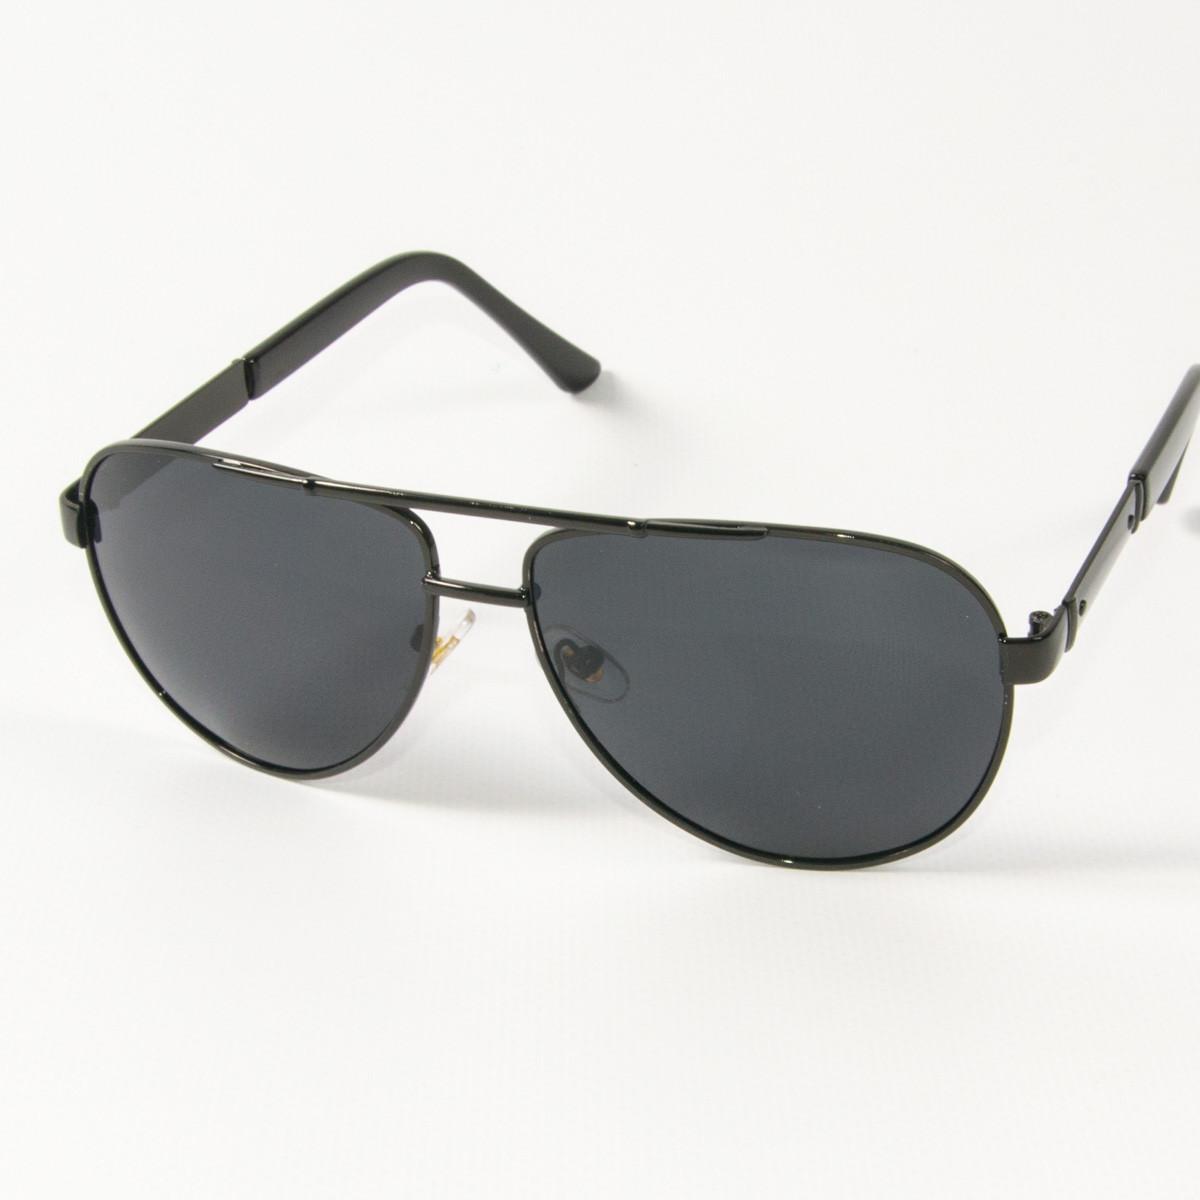 Оптом поляризационные  солнцезащитные  очки авиаторы (арт. P9108/1) с черной оправой